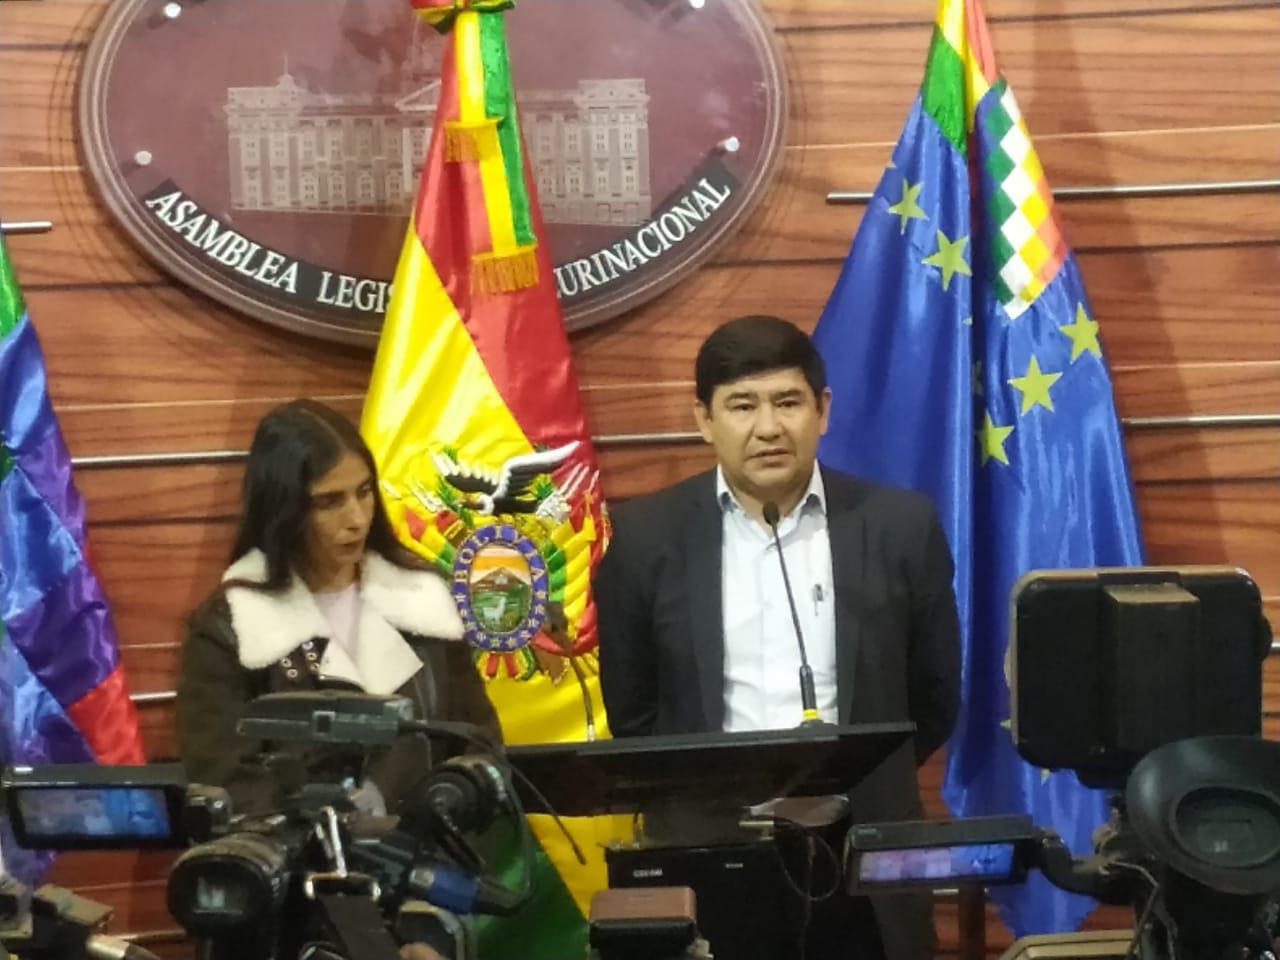 Barón convoca a todos los militantes de los partidos políticos a participar de las elecciones primarias